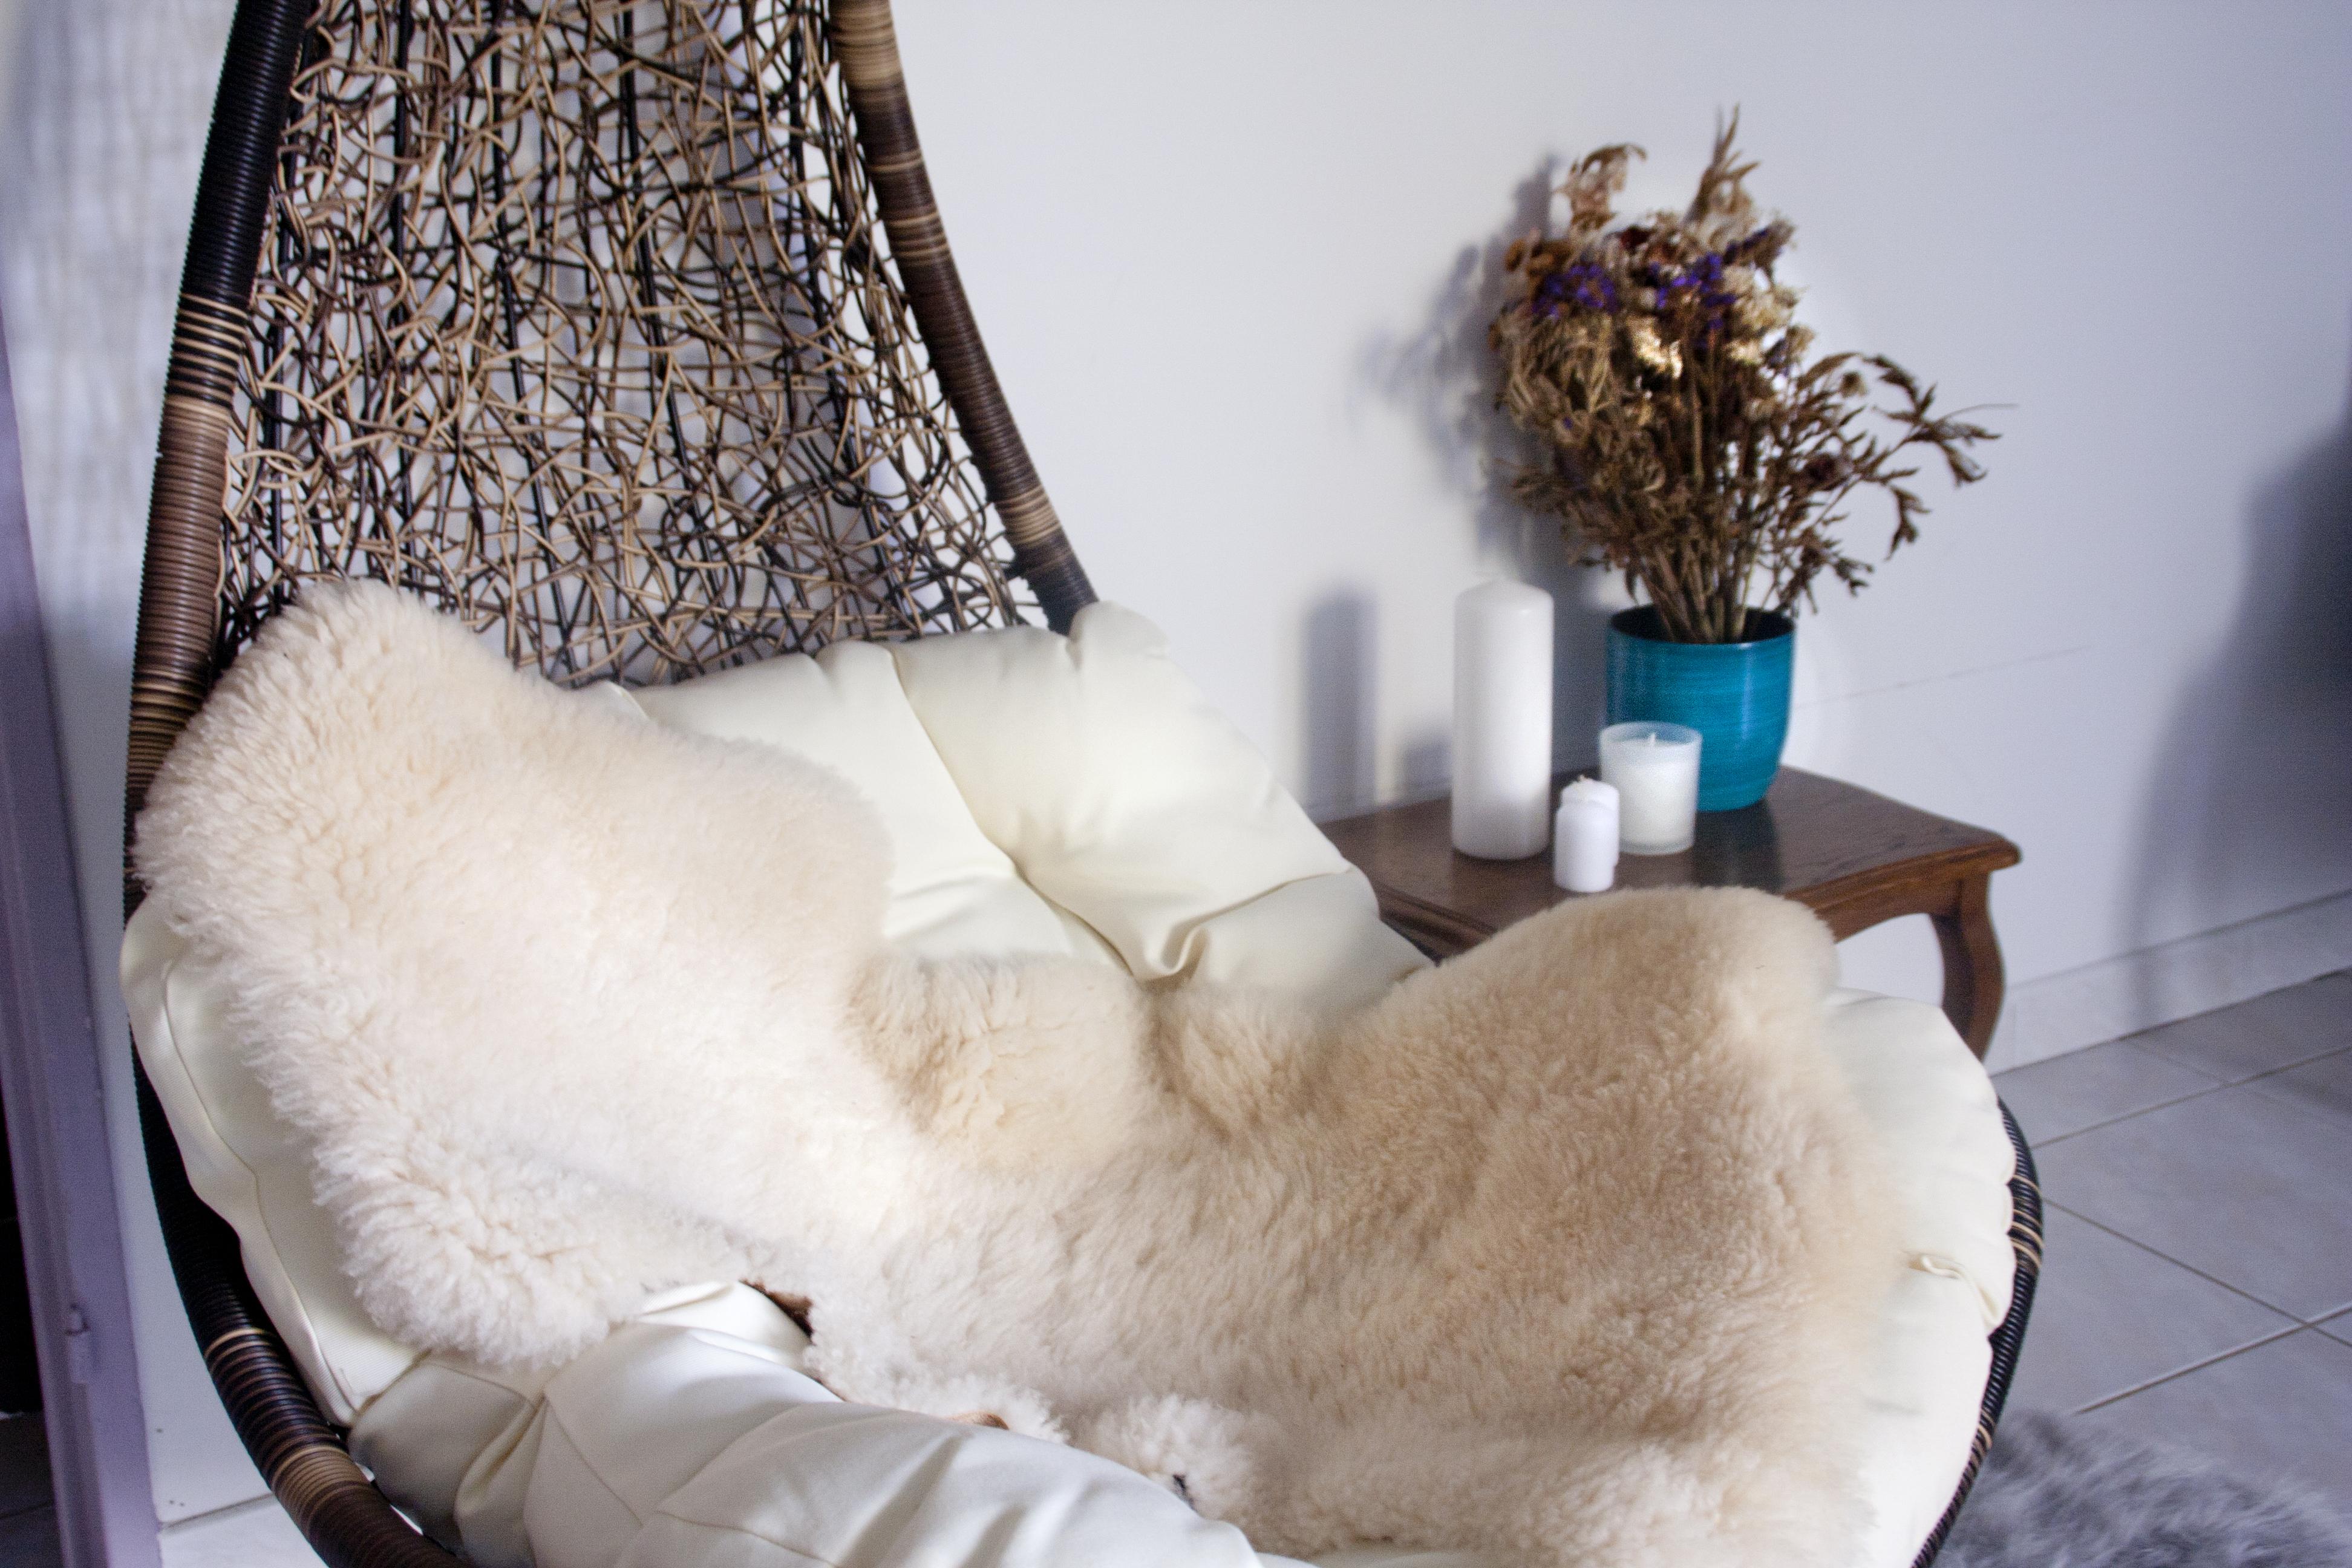 balancelle d o r o t h y n e s t. Black Bedroom Furniture Sets. Home Design Ideas